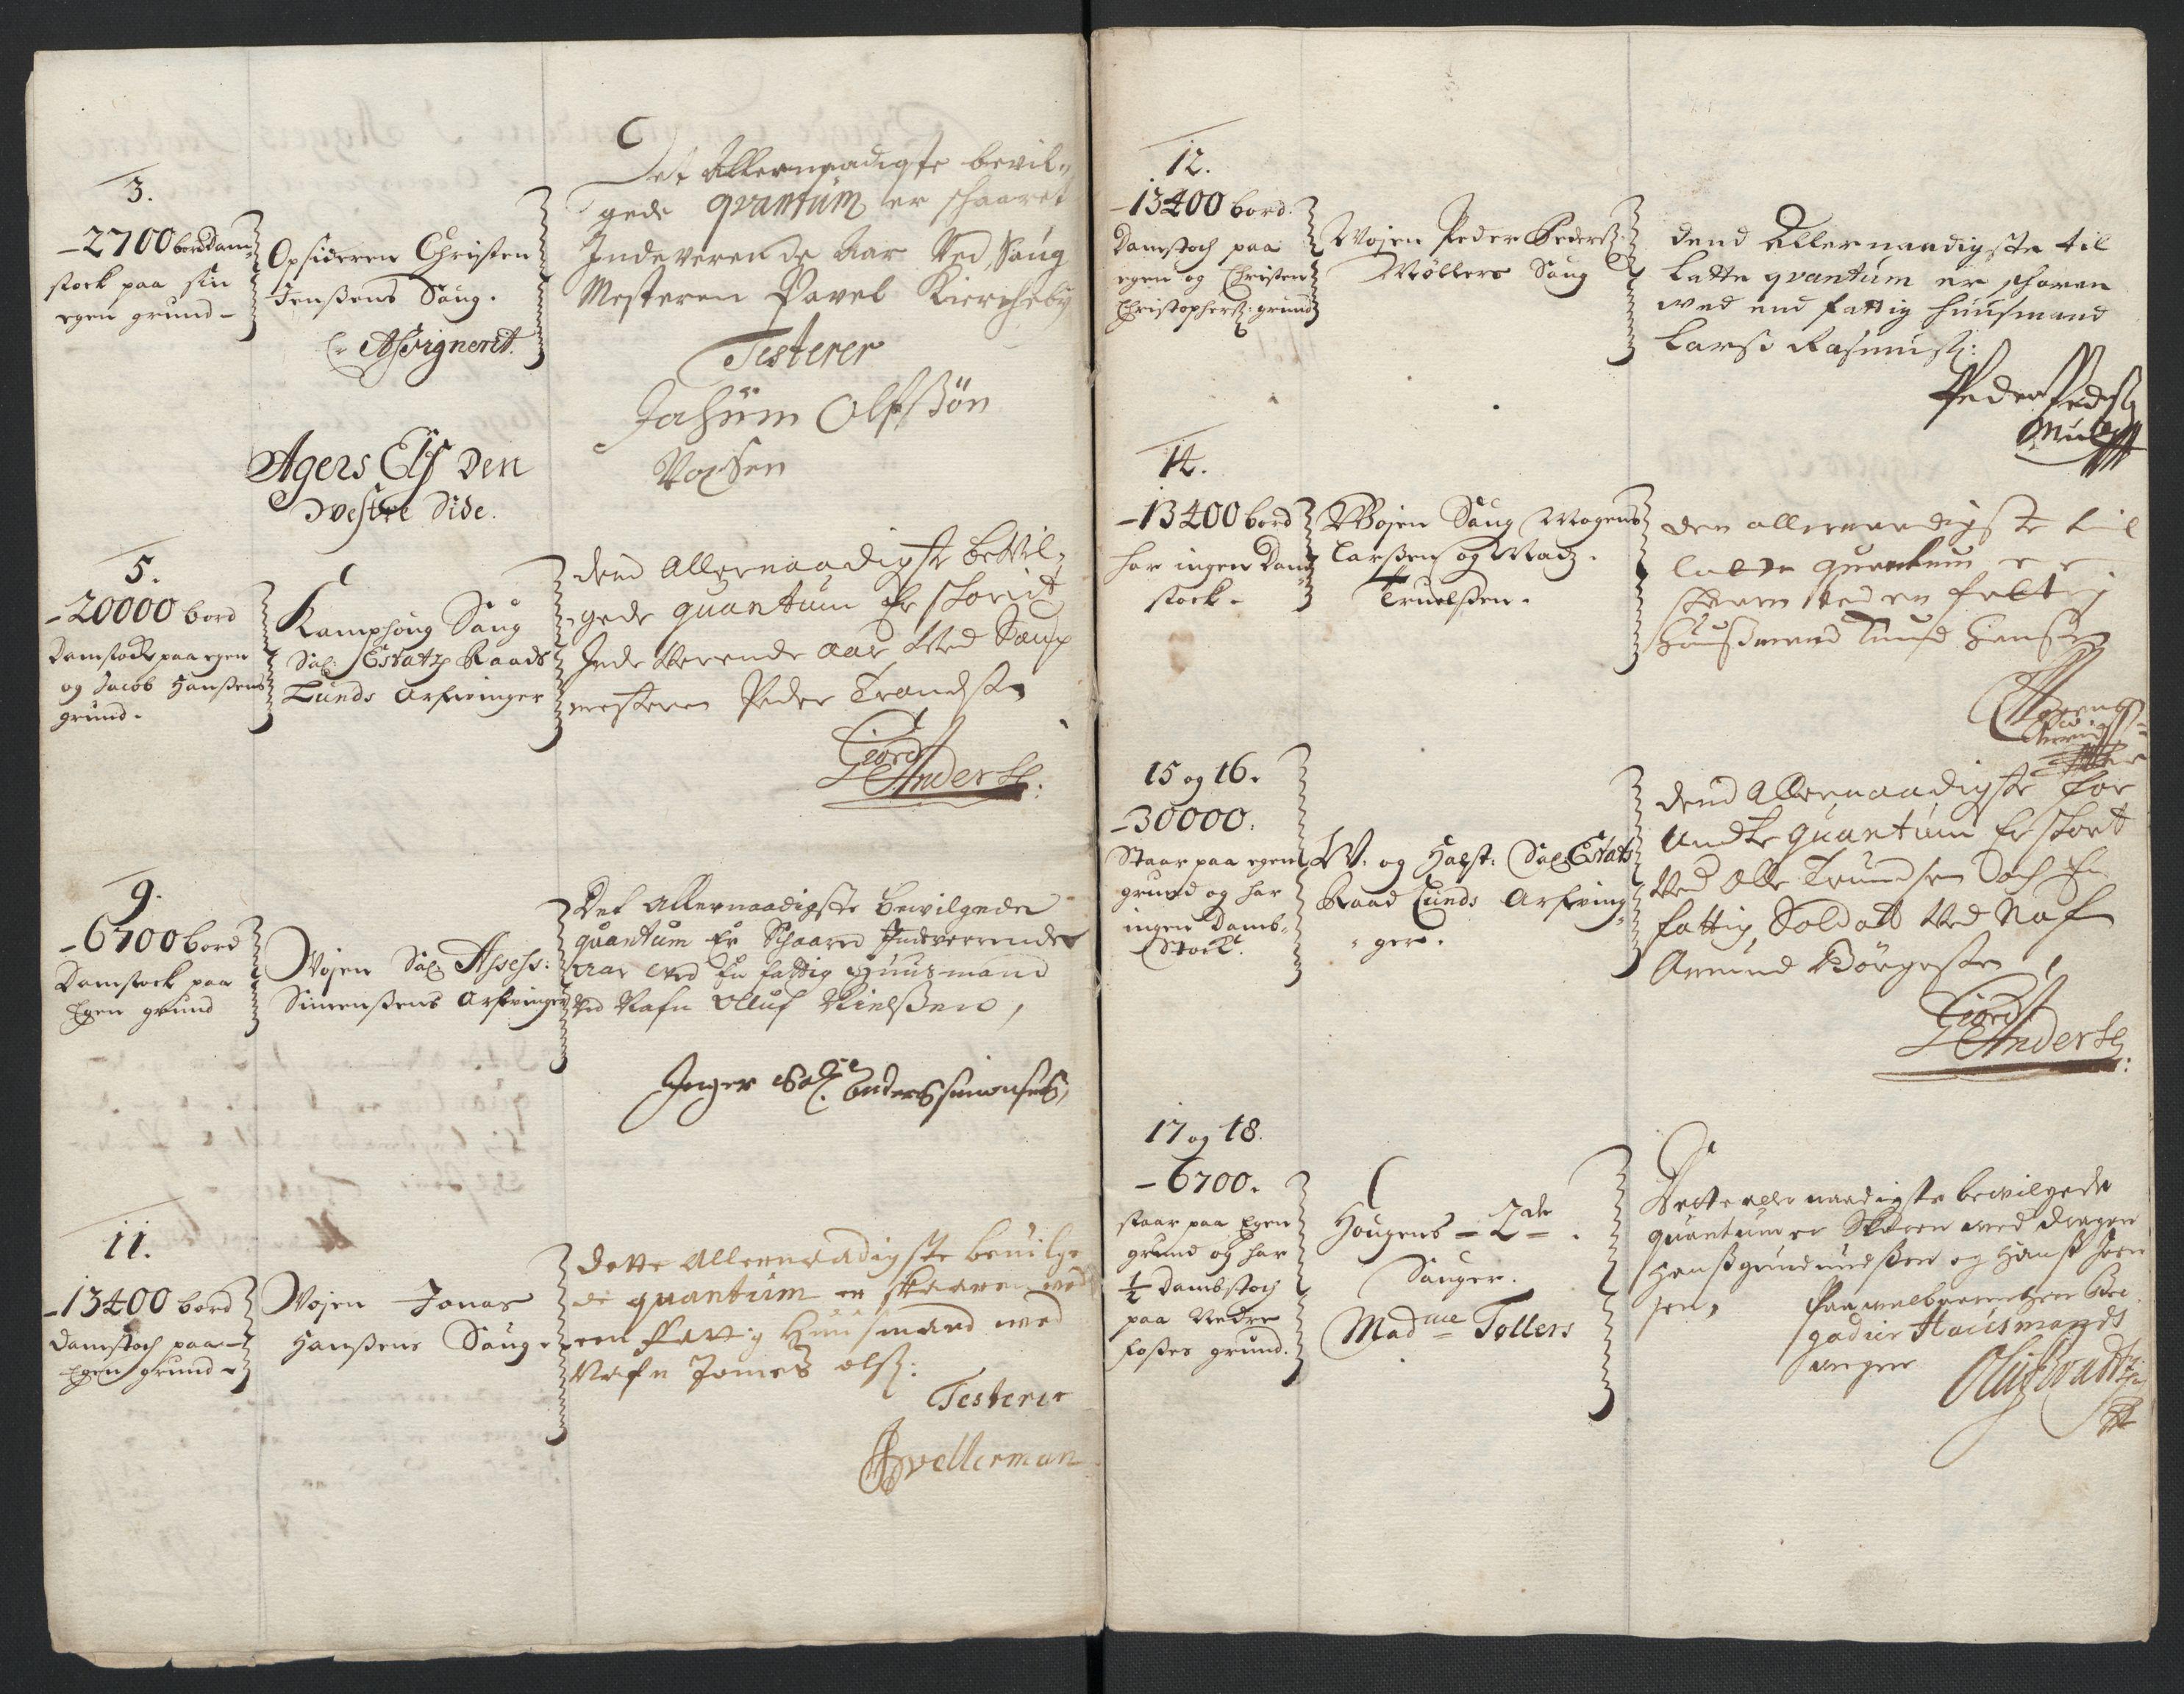 RA, Rentekammeret inntil 1814, Reviderte regnskaper, Fogderegnskap, R10/L0442: Fogderegnskap Aker og Follo, 1699, p. 205